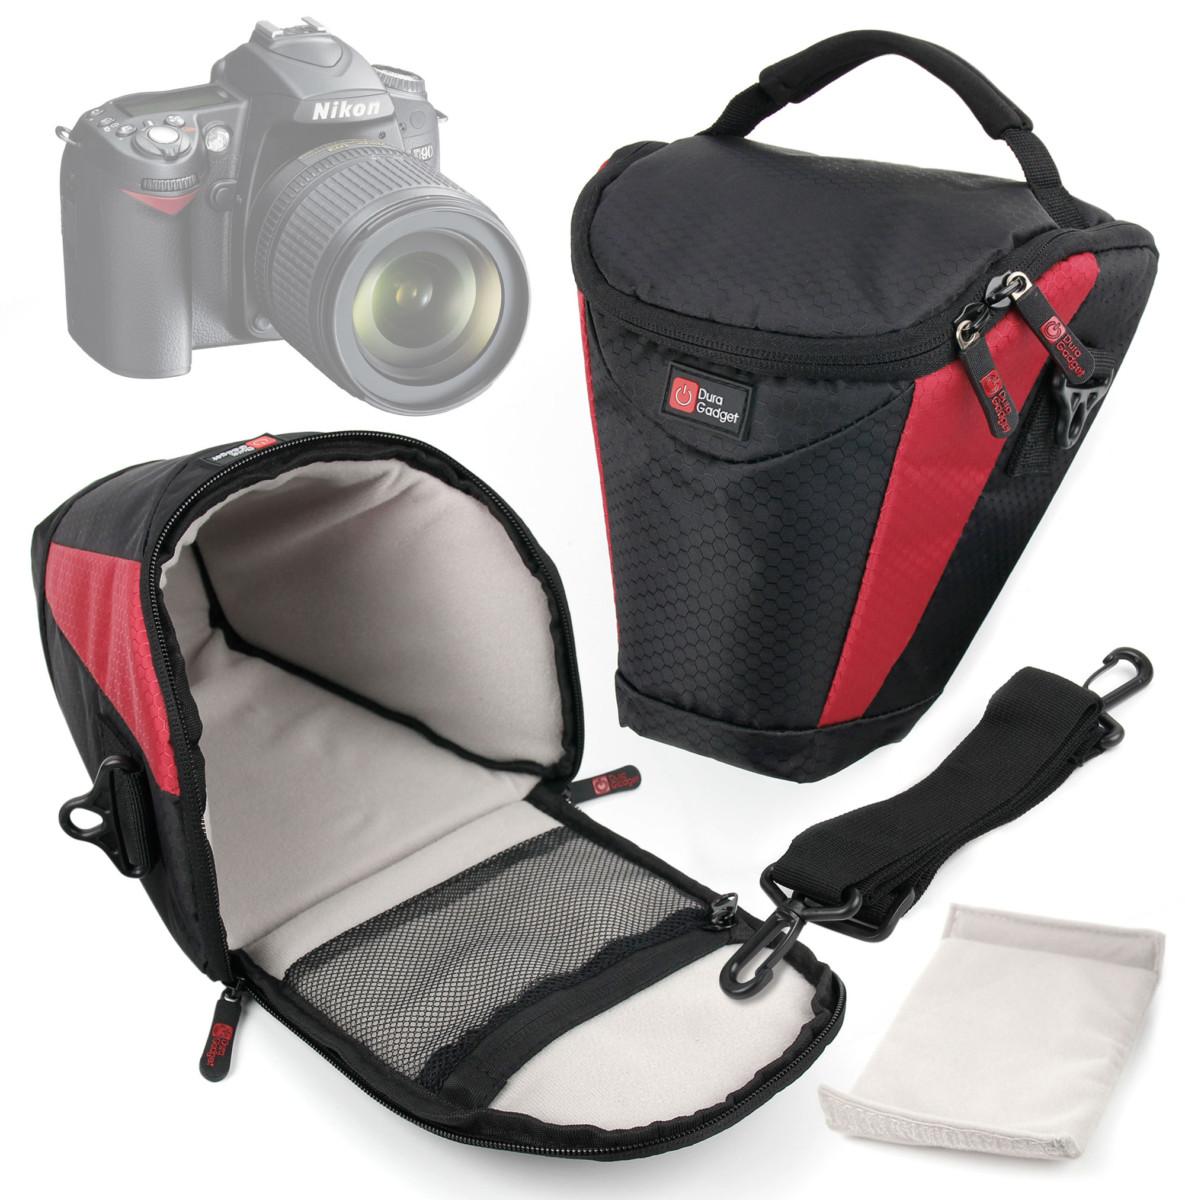 à dos/étui pour appareil photo Reflex/Bridge/ SLR Canon Pentax Nikon